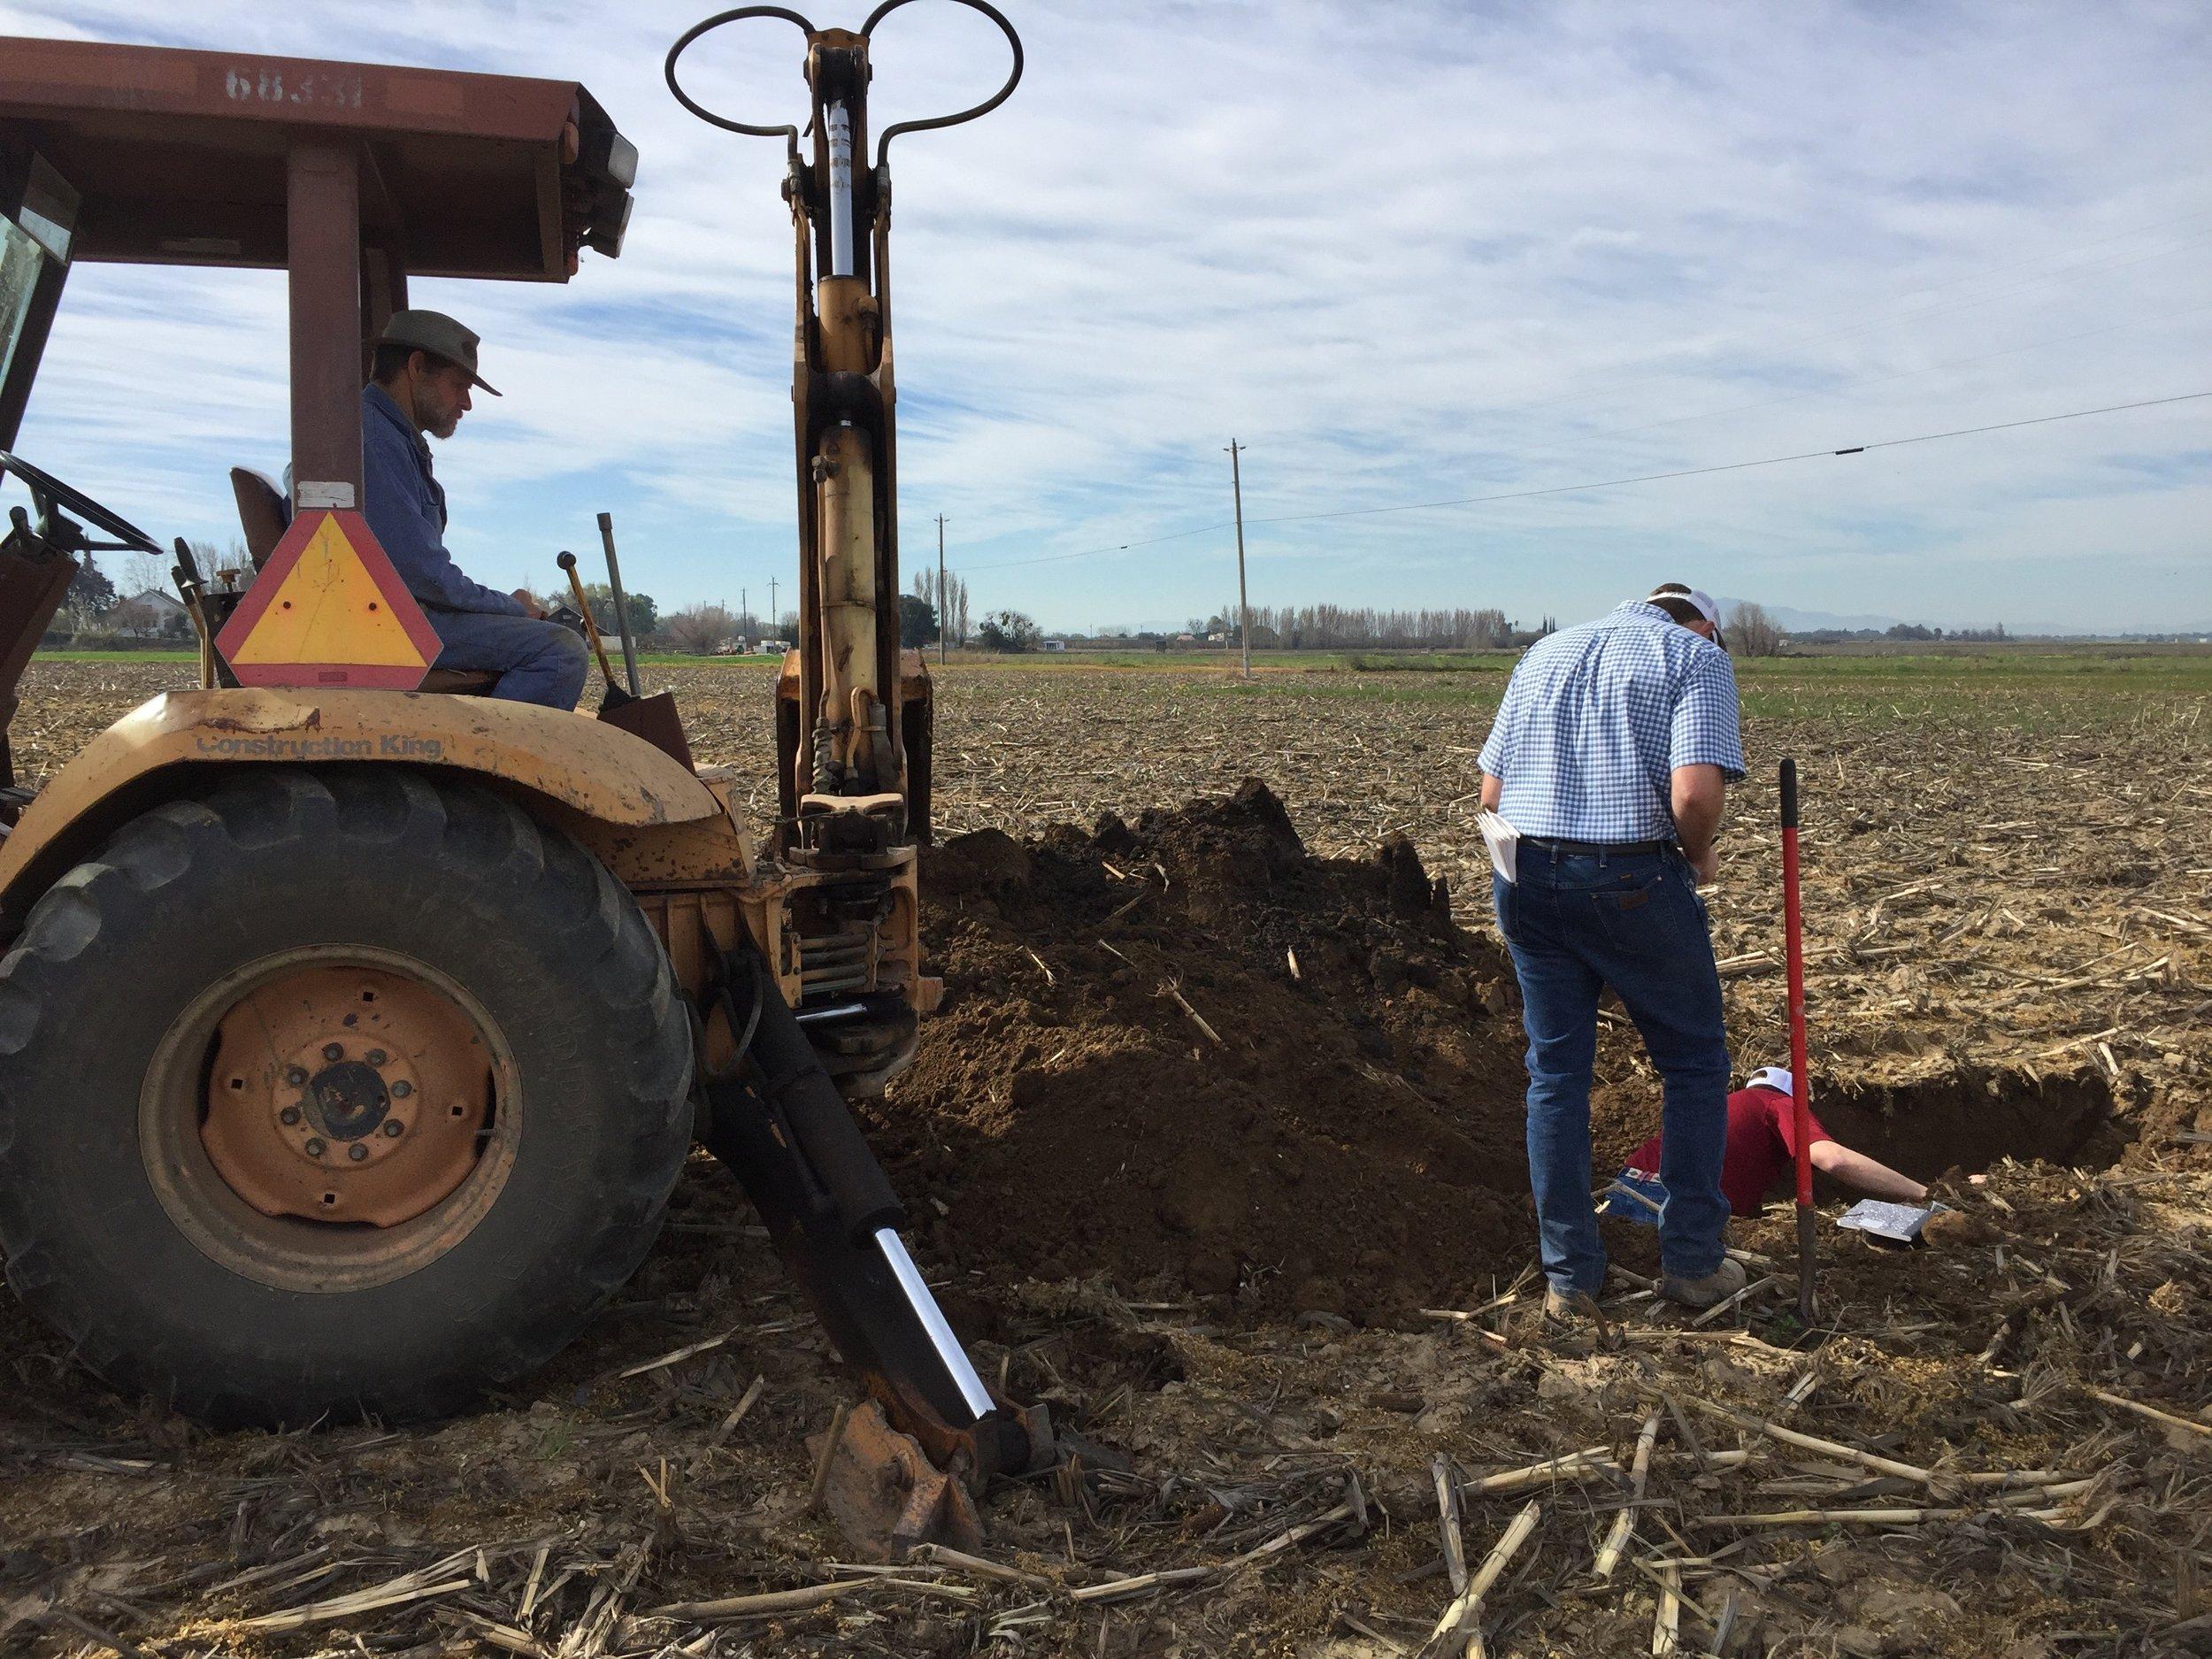 Digging holes to take soil samples